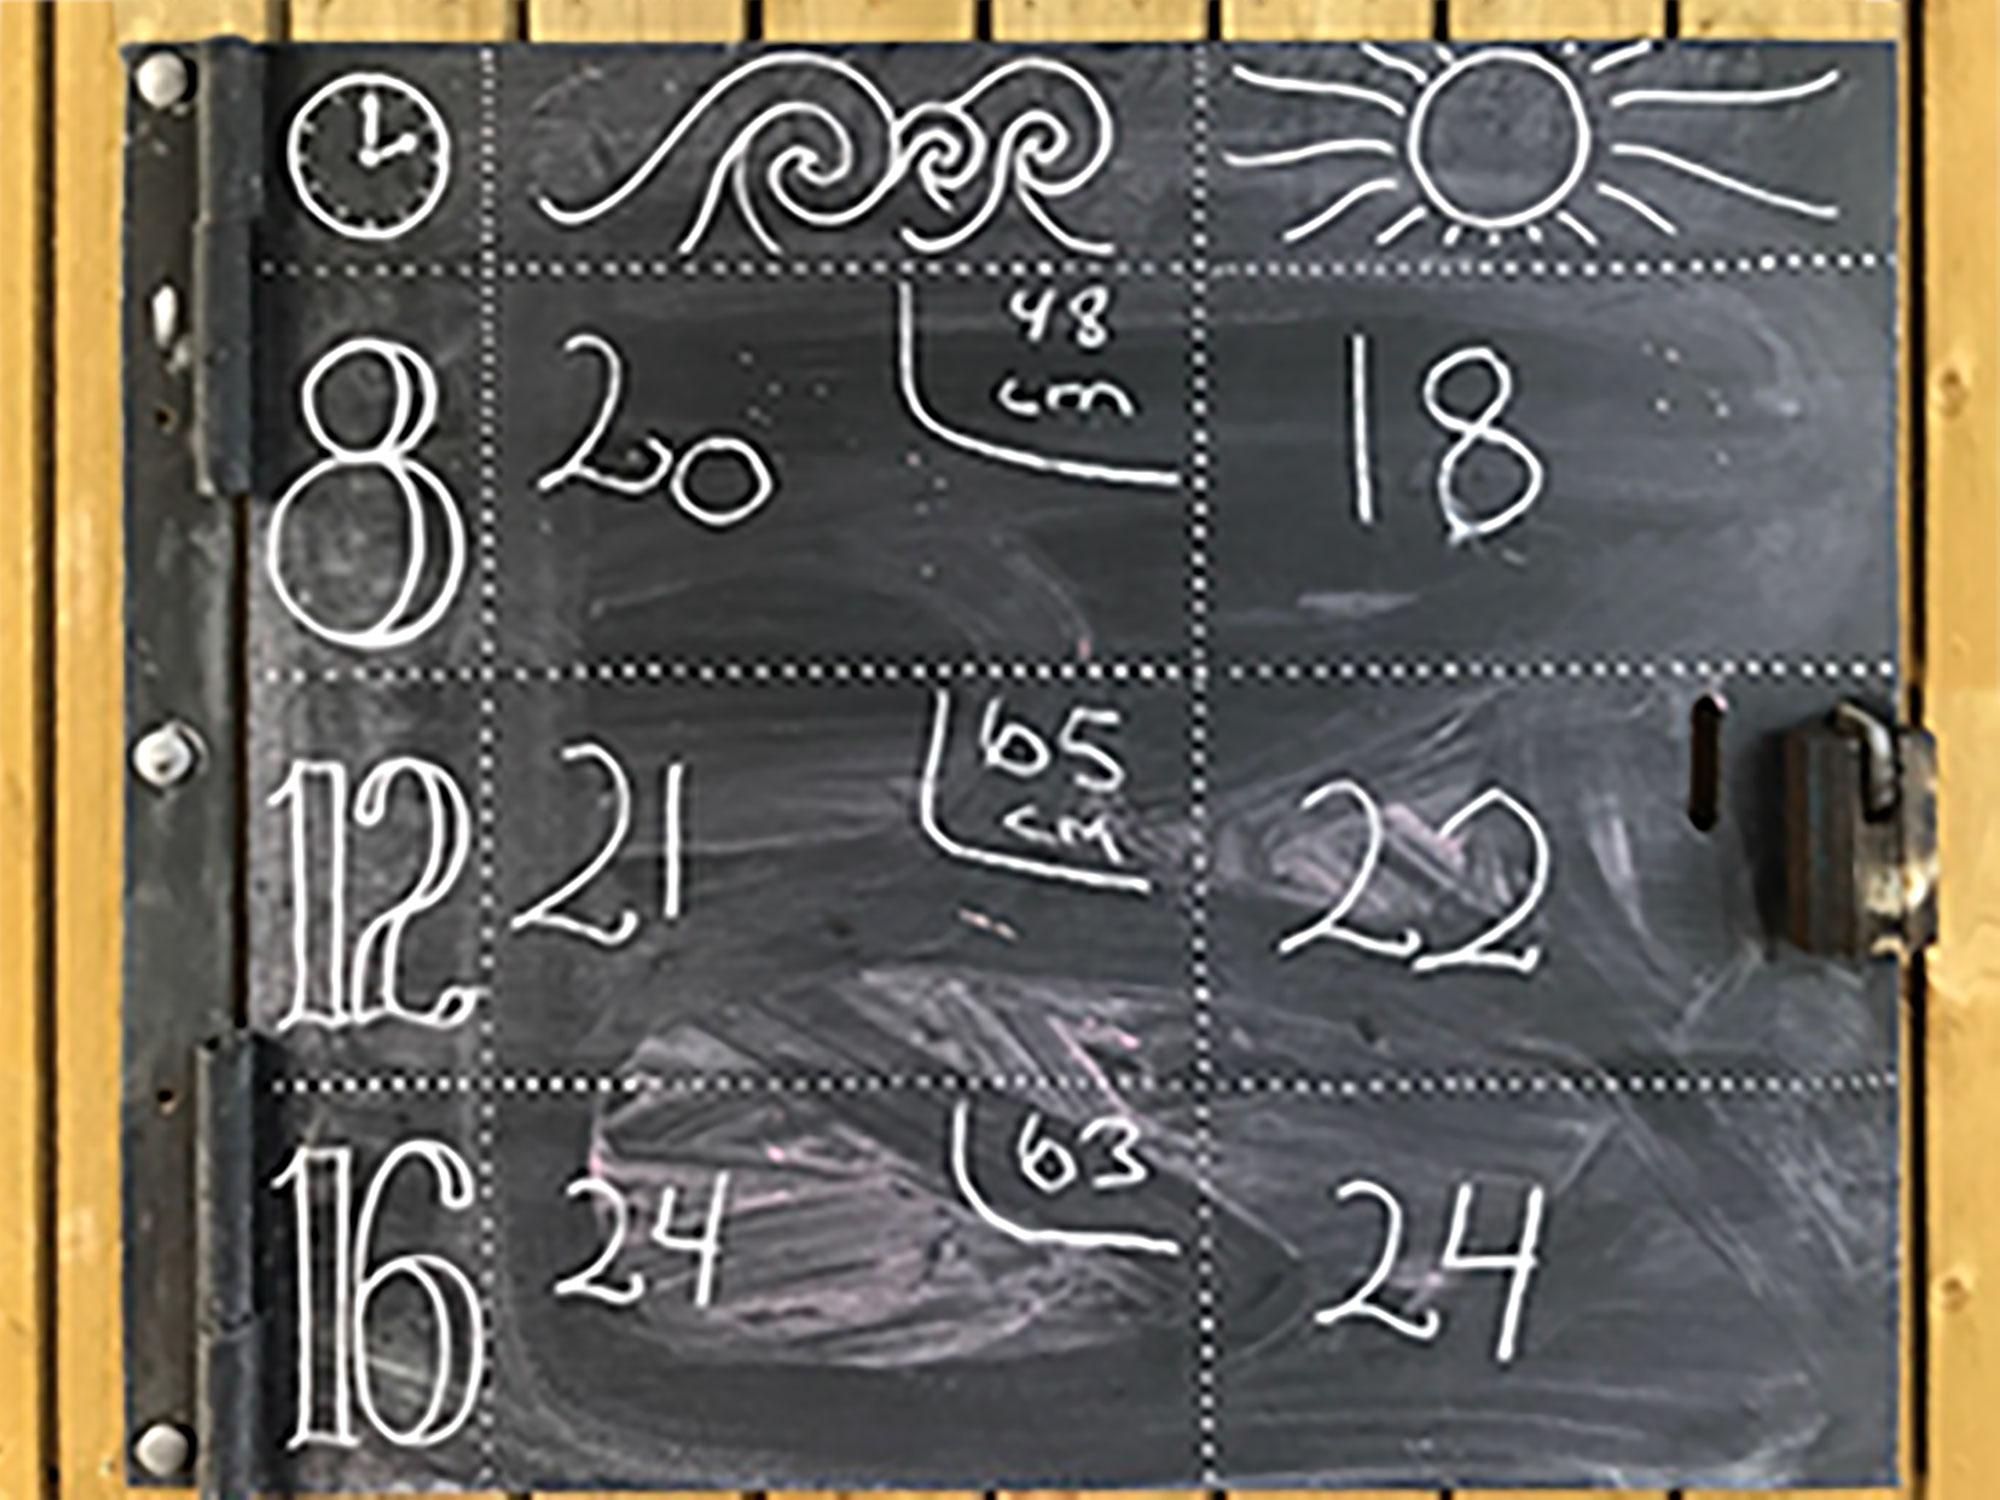 På Dragør Søbads målinger af temperaturen i luft og badevand udviser i den forløbne uge ikke de store udsving, men mon der sker ændringer i den kommende uge – vejrudsigten lover i hvert fald godt nyt for de varmeglade badegæster i denne og endda også i den efterfølgende uge.